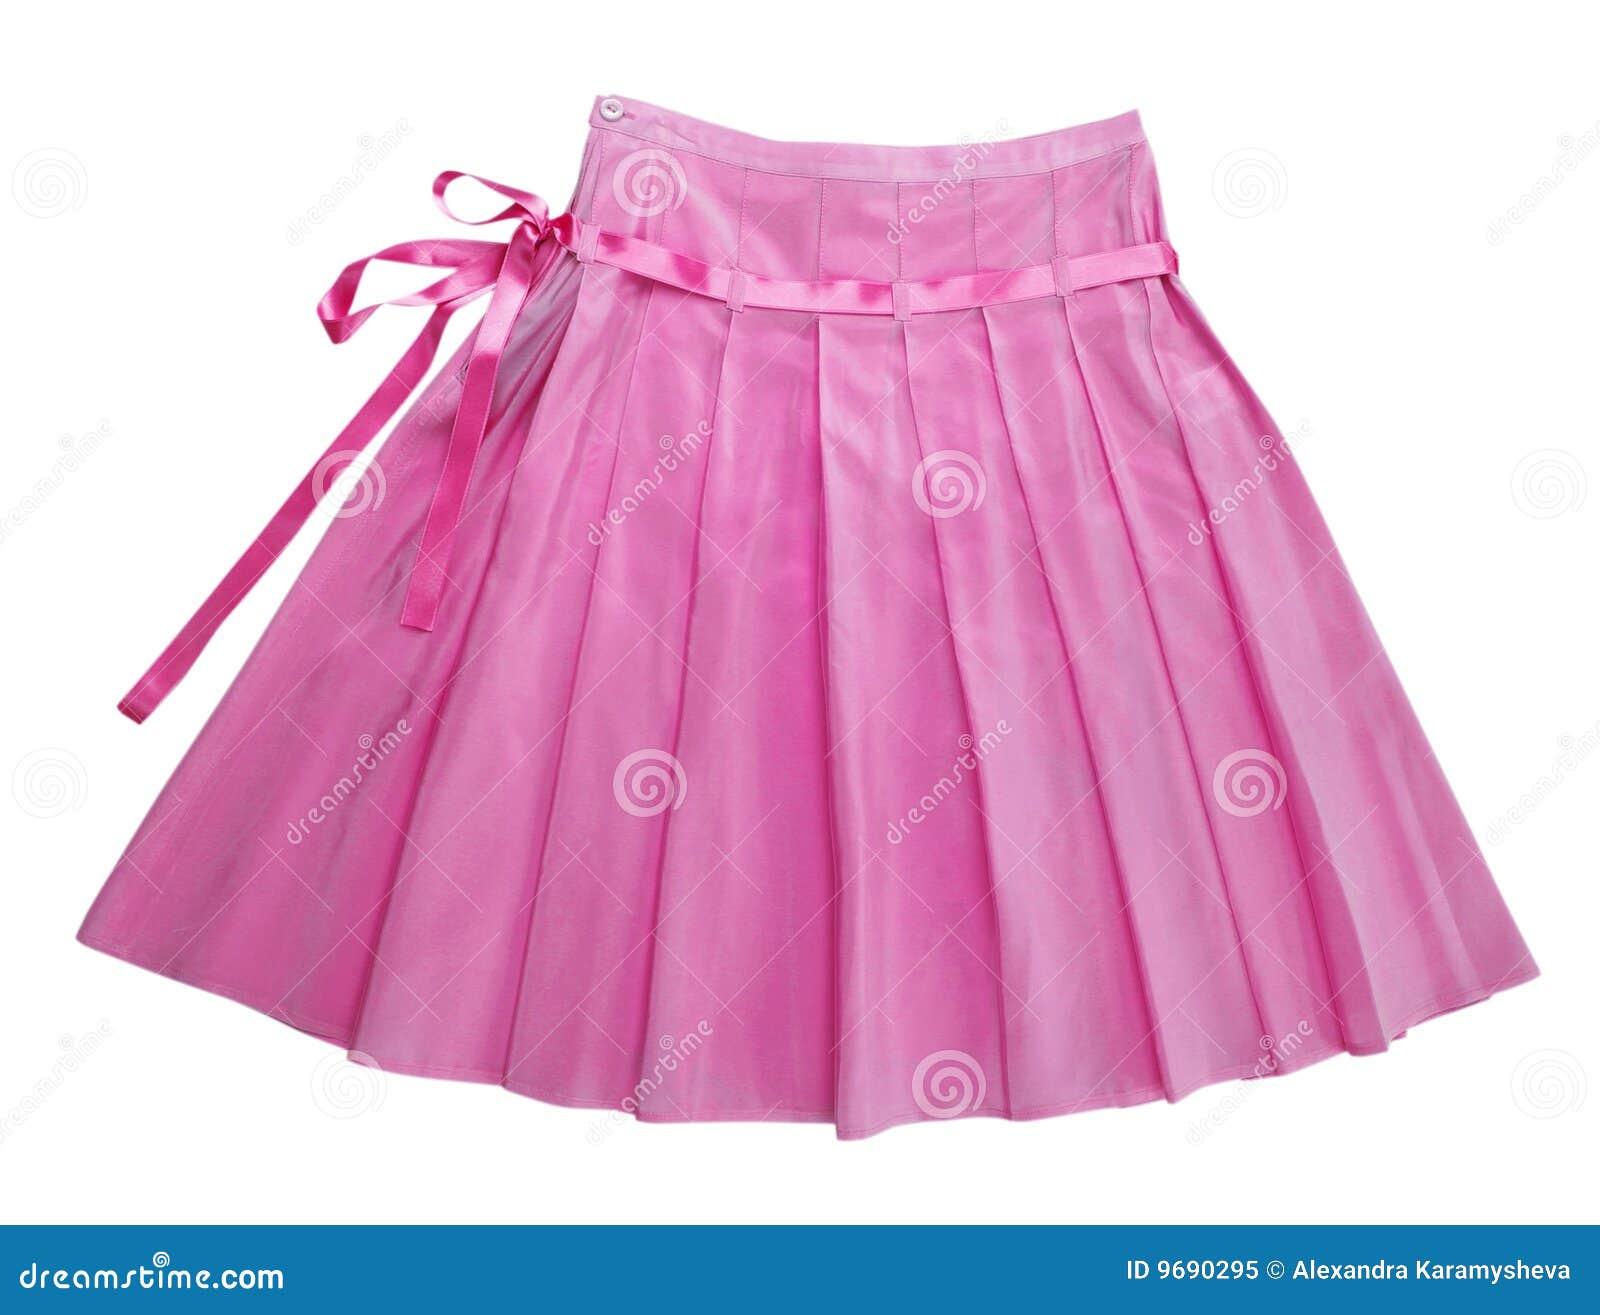 Домохозяйка в розовой юбке фото, пара голых женщин позируют в кровати